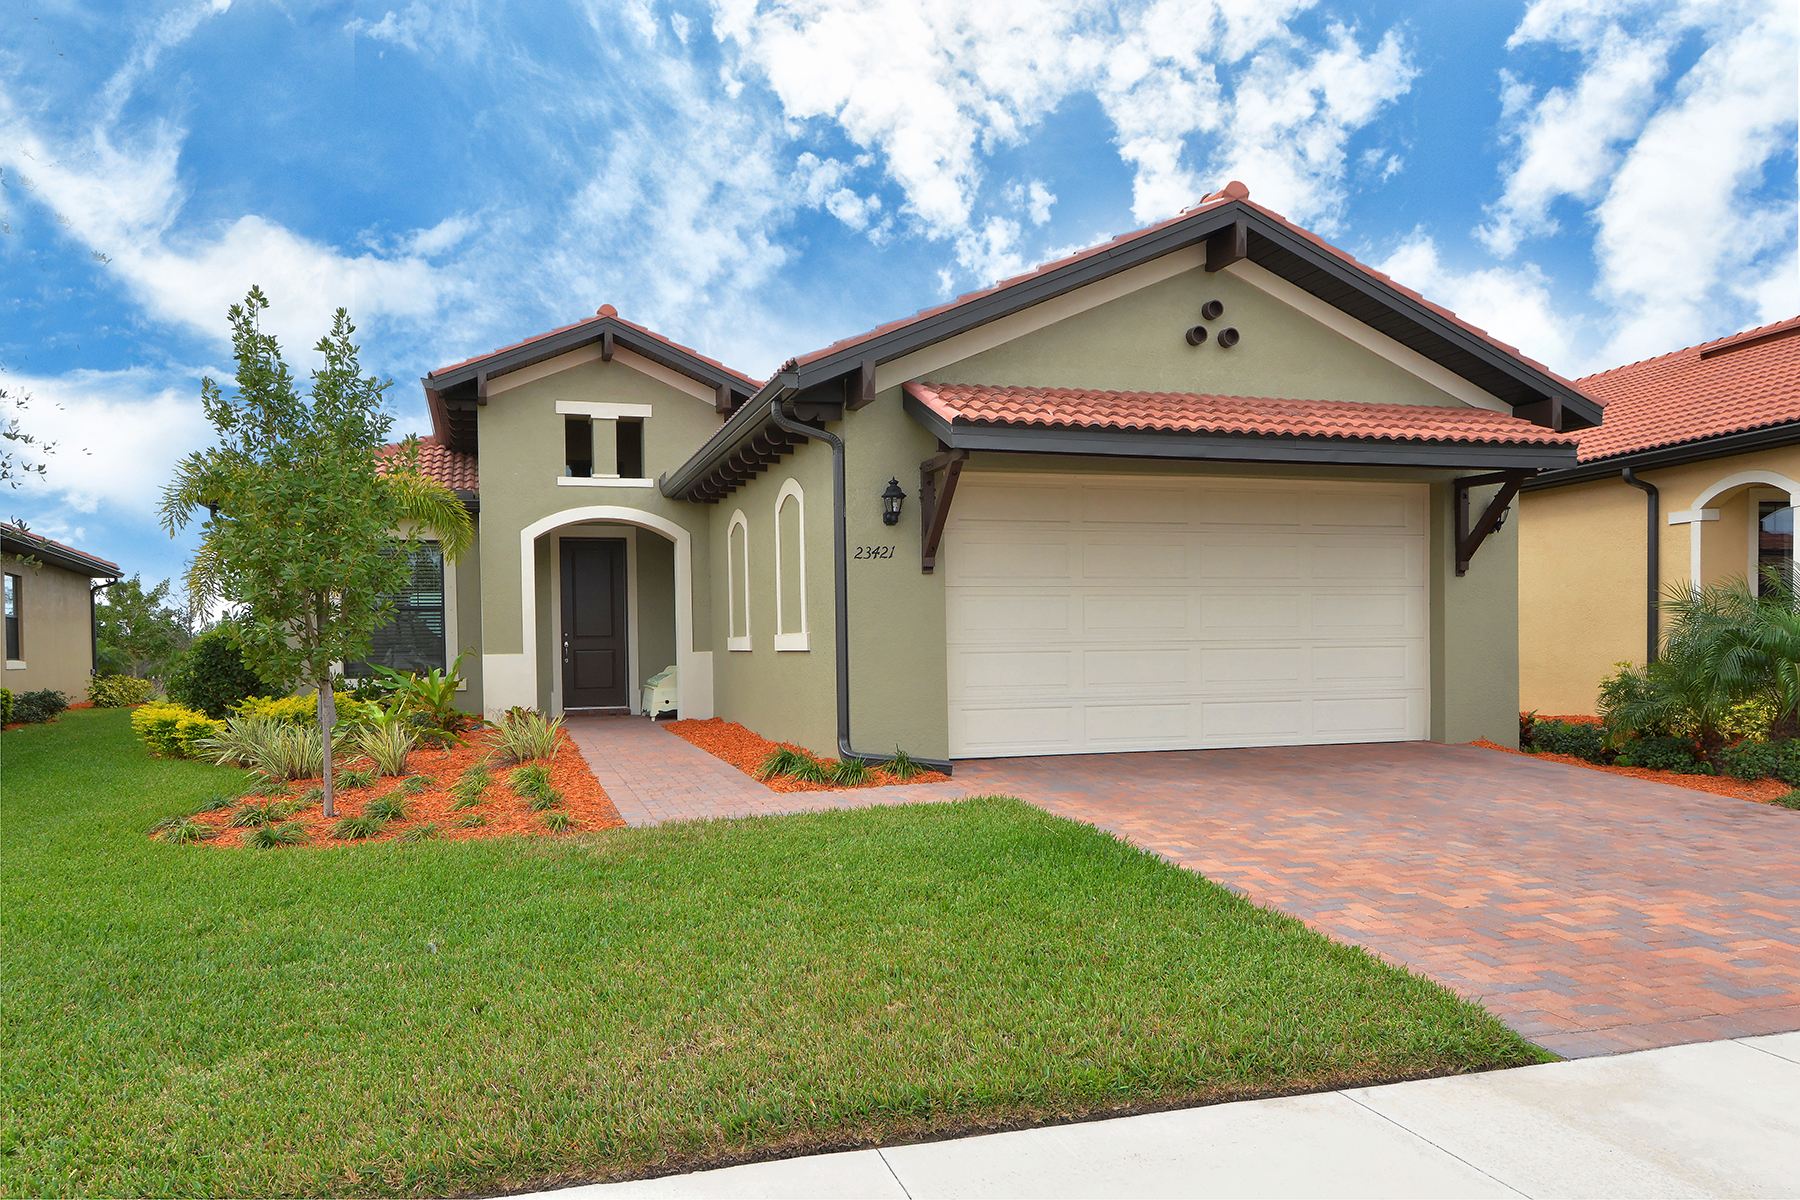 Maison unifamiliale pour l Vente à SARASOTA NATIONAL 23421 Copperleaf Dr Venice, Florida, 34293 États-Unis